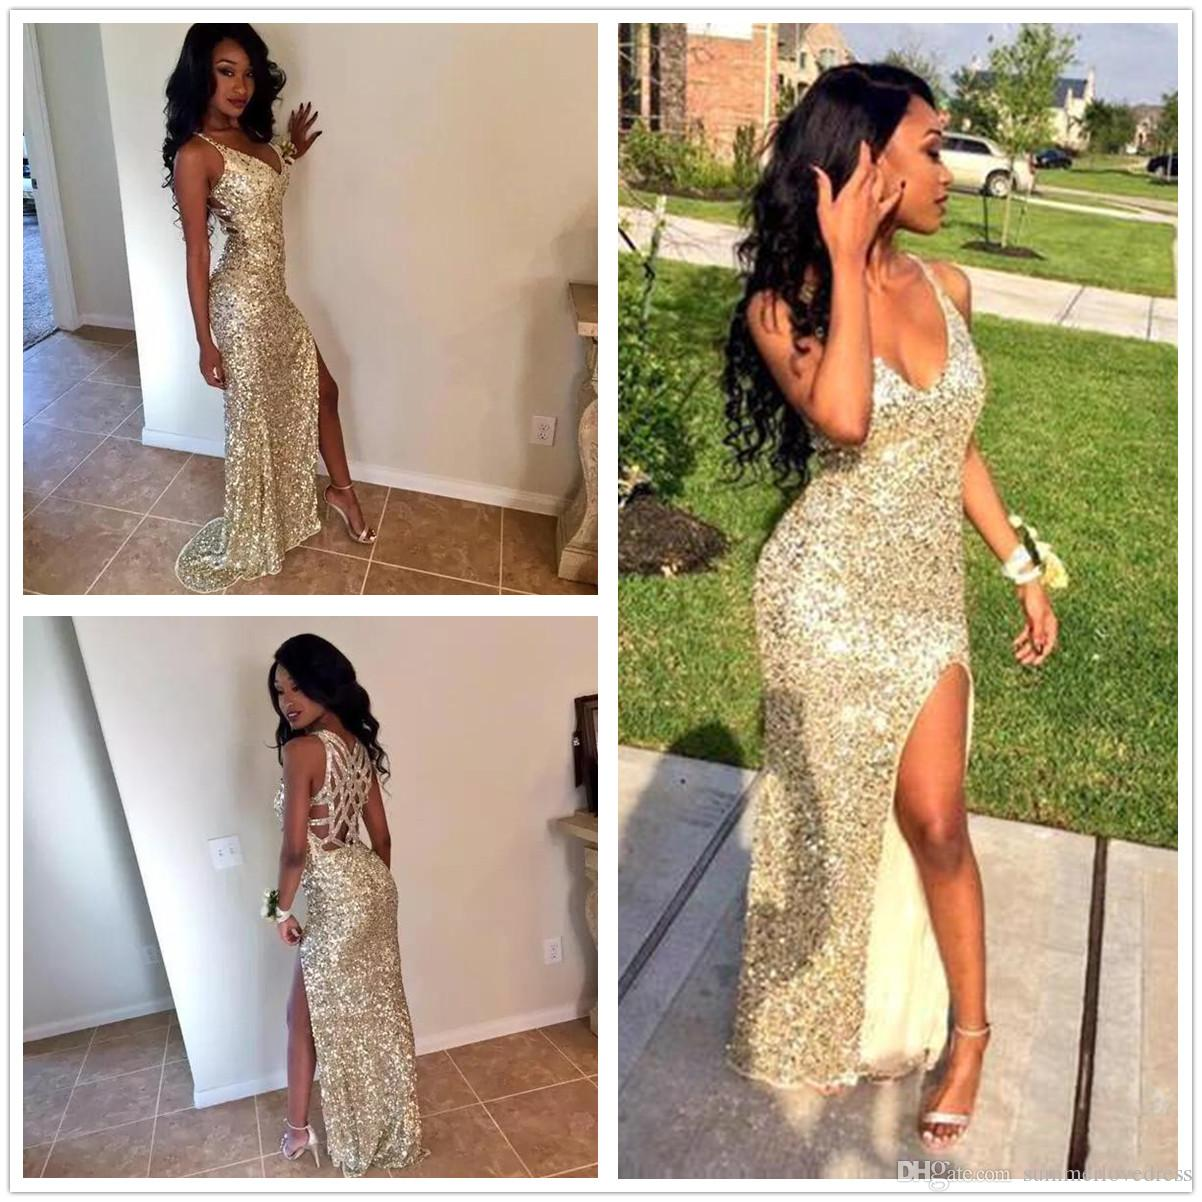 2018 neue schwarze Mädchen Afrika Gold Pailletten Prom Kleider Split Criss Cross bodenlangen formale Party Abendkleider